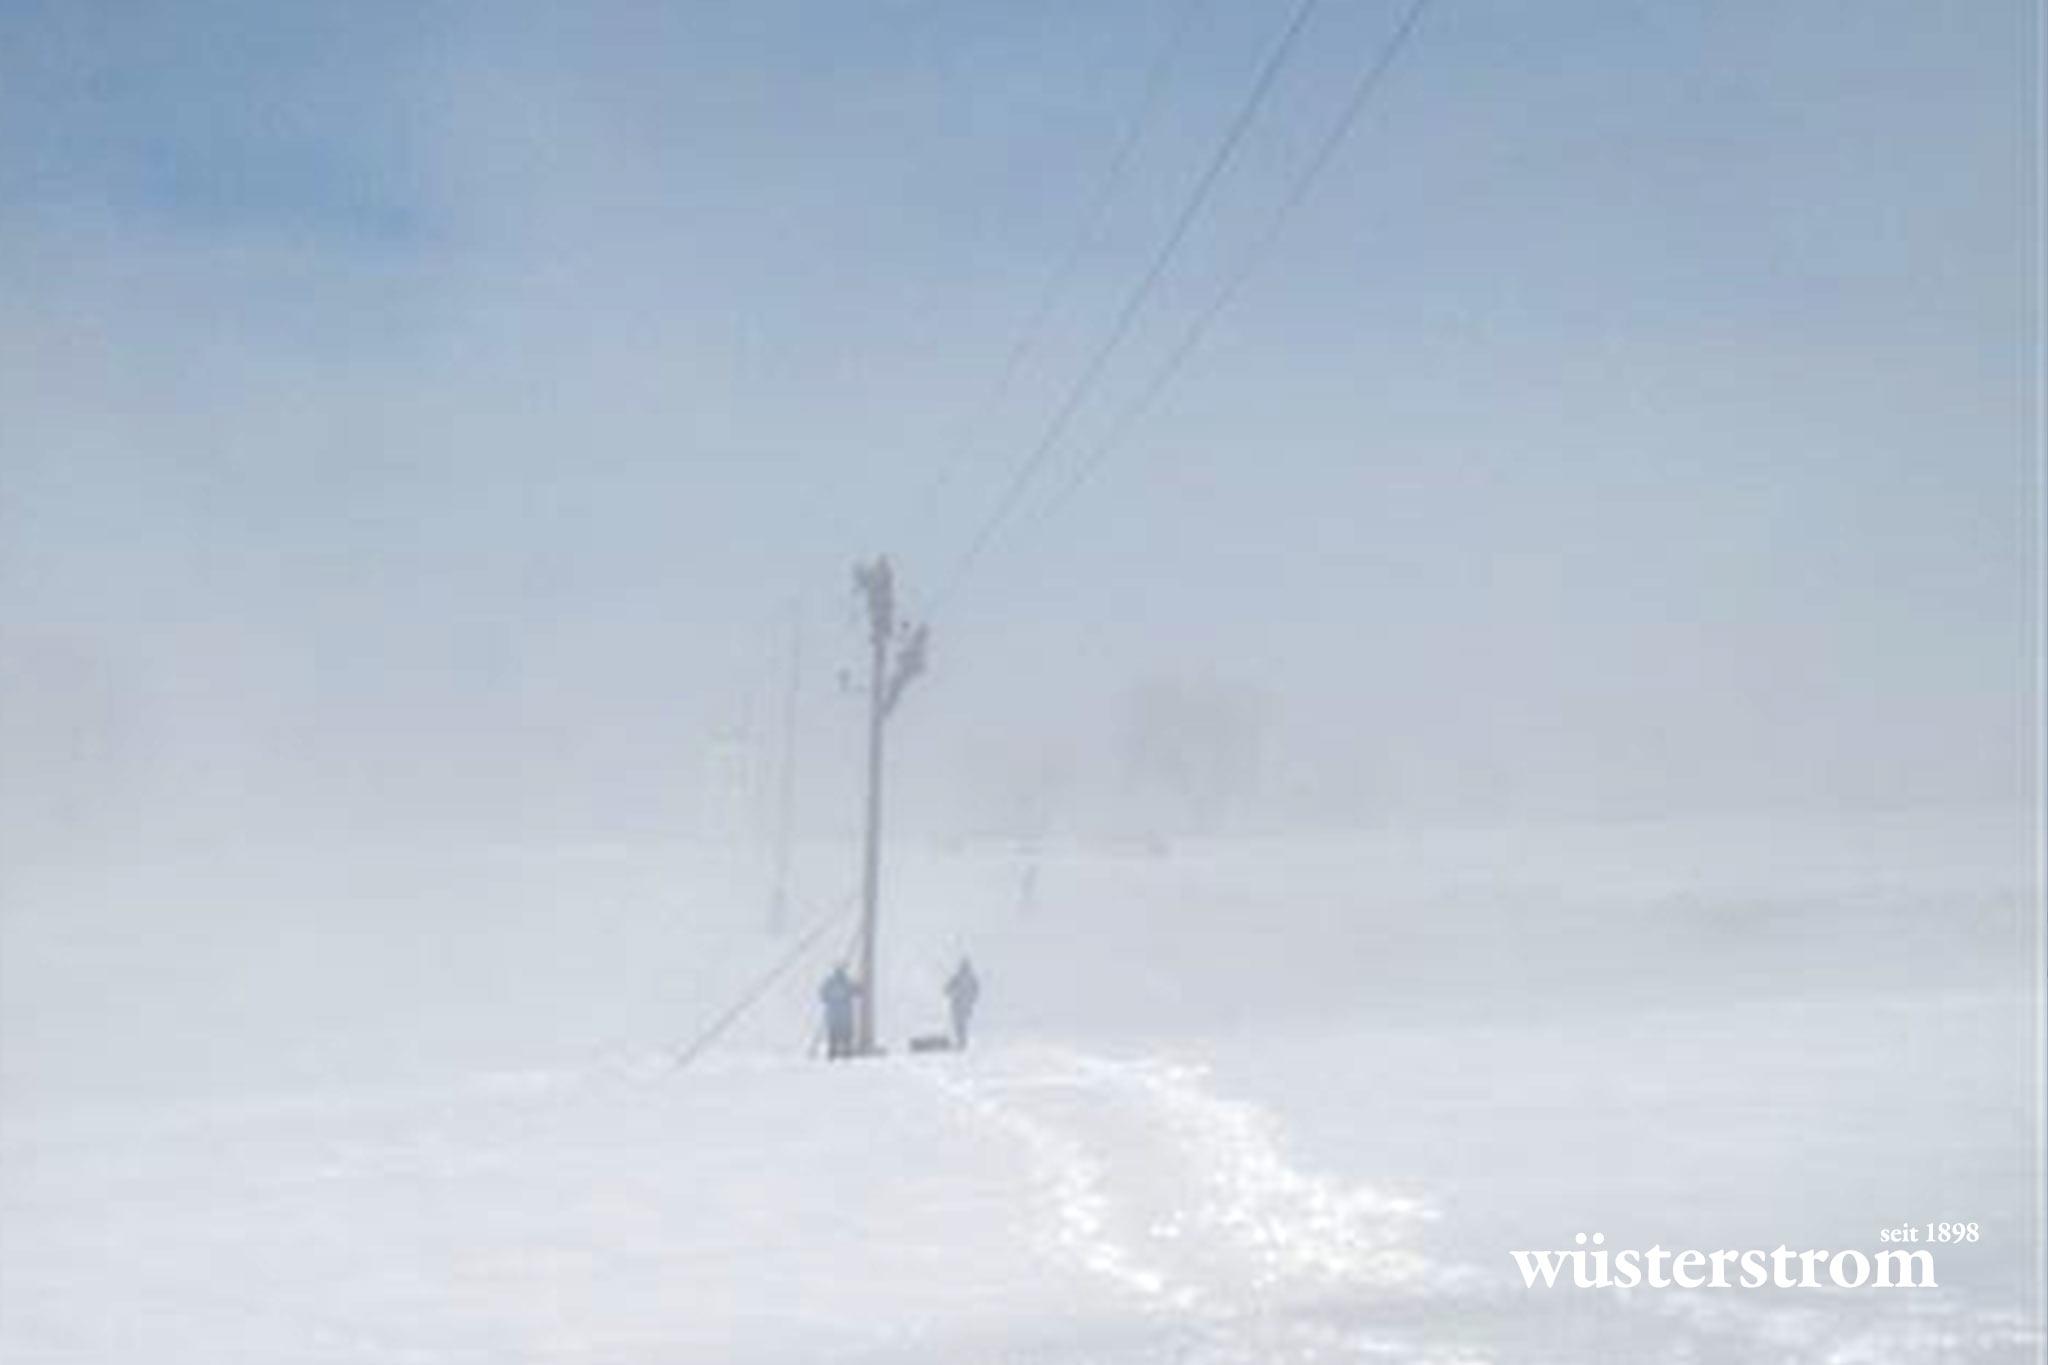 Leitungsbau - Strommast bei Nebel im Winter